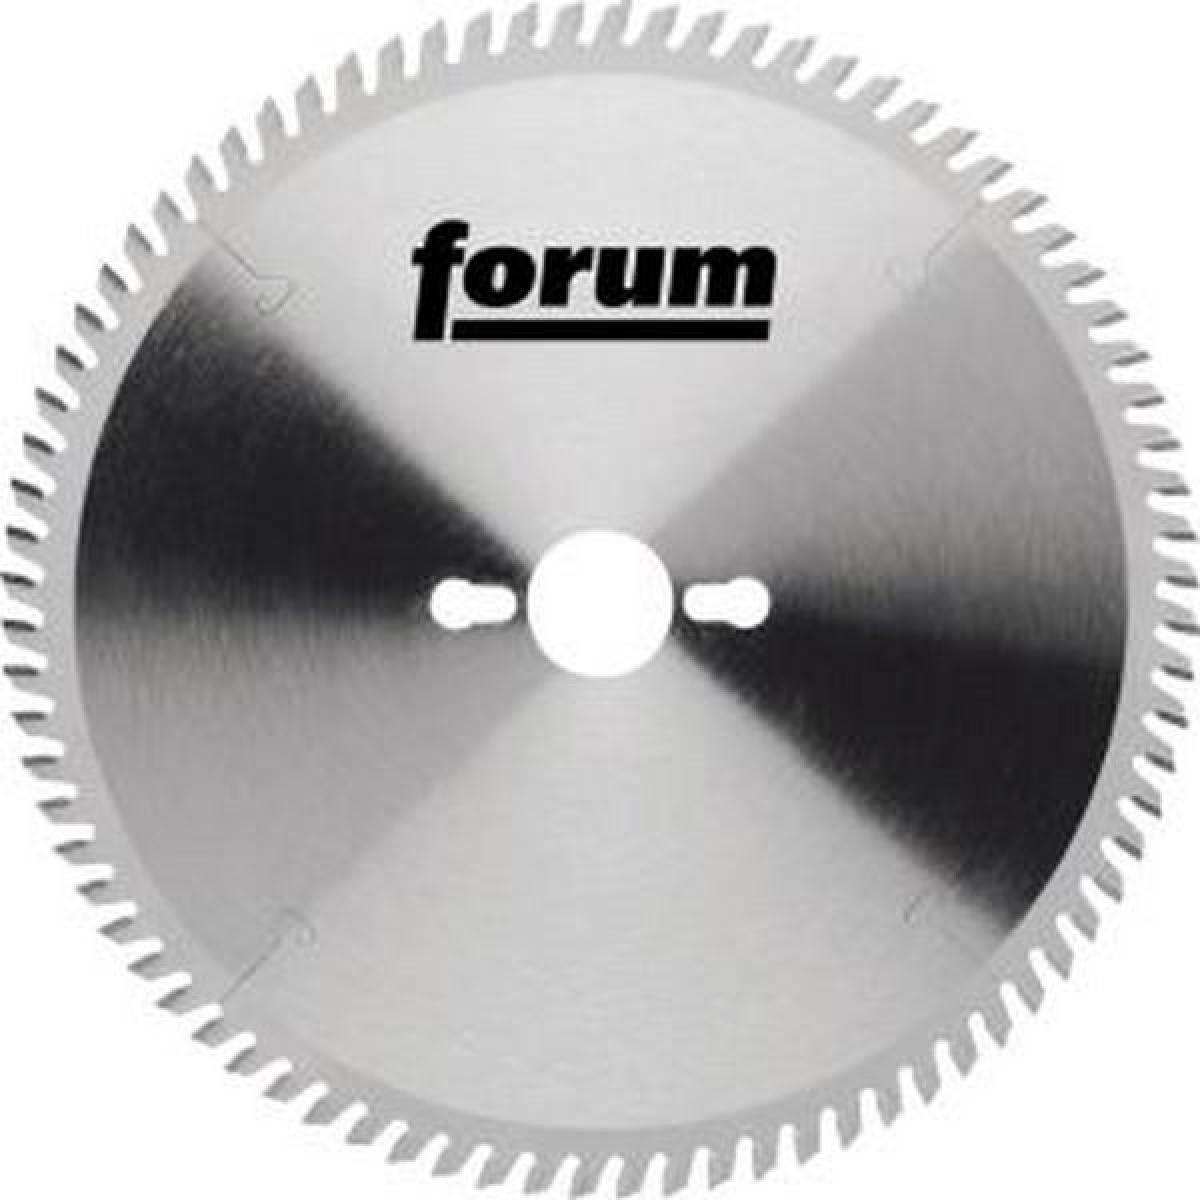 Forum Lame de scie circulaire, Ø : 305 mm, Larg. : 3,4 mm, Alésage 30 mm, Perçages secondaires : 2KNL*, Dents : 80